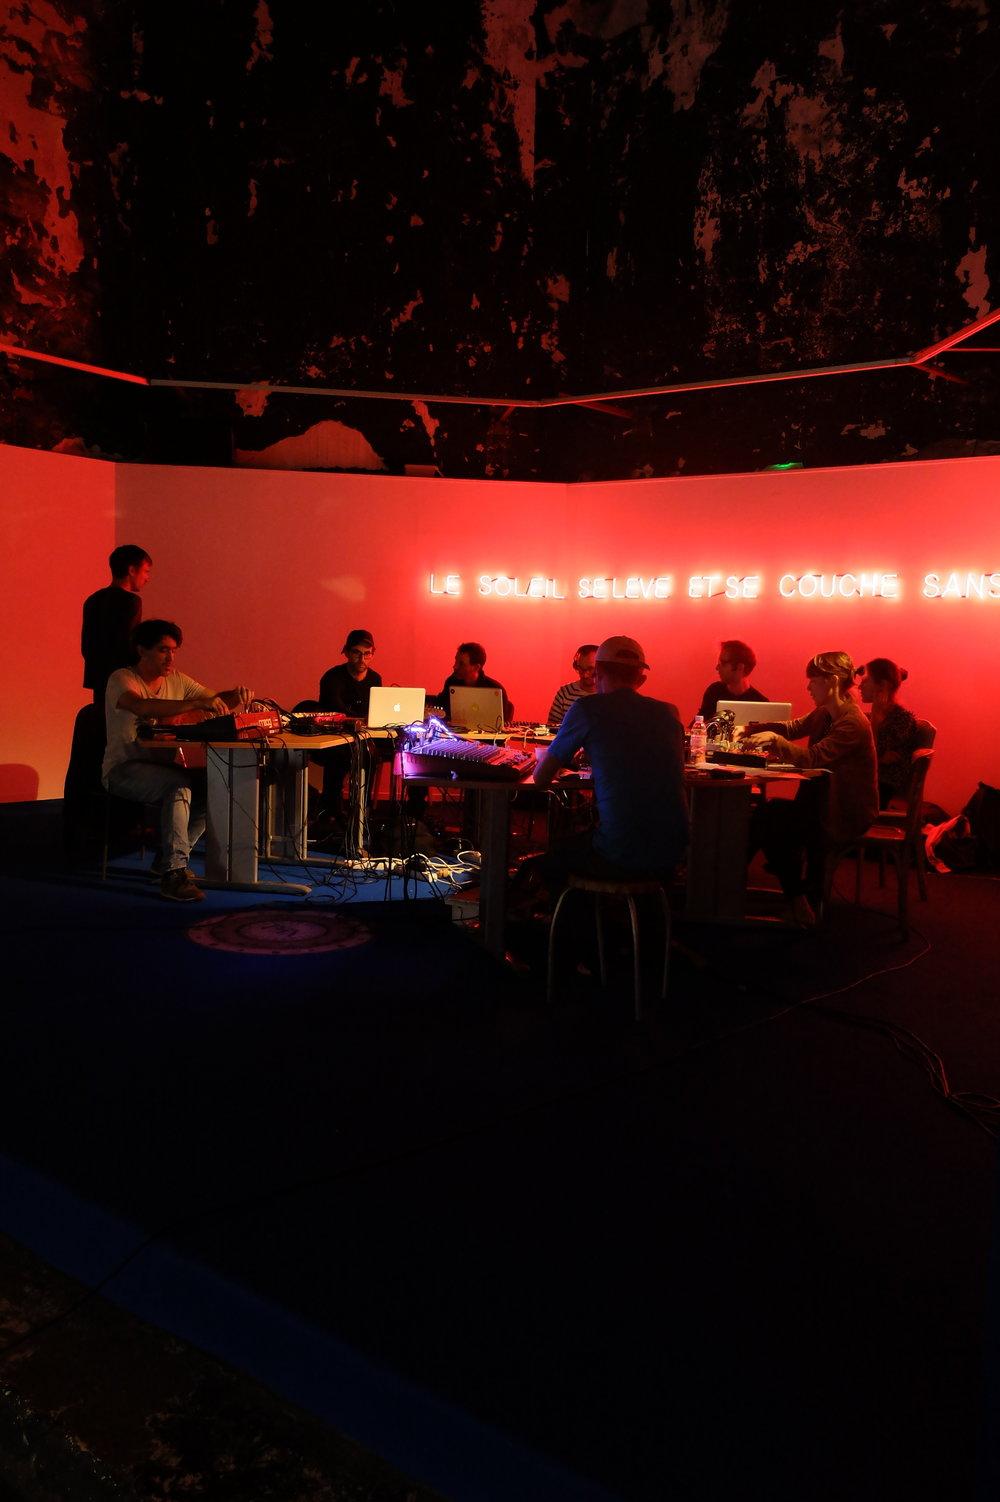 Concert live du CORIOLIS SOUNDS SYSTEM dans le cadre de l'installation LE SOLEIL SE LÈVE ET SE COUCHE SANS OBSTACLE (octobre 2015) organisée par The Tropicool Company dans la Chapelle du Quartier-Haut à Sète.